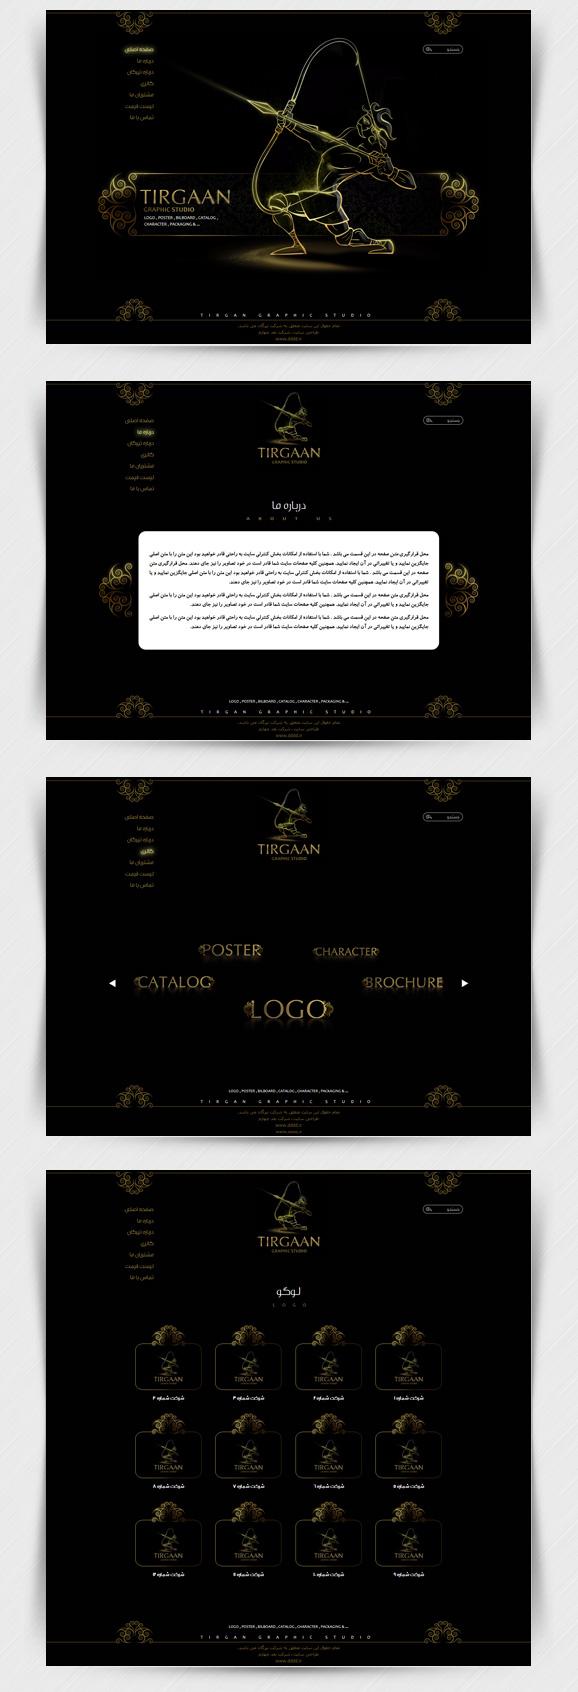 طراحی سایت شرکت تبلیغاتی تیرگان